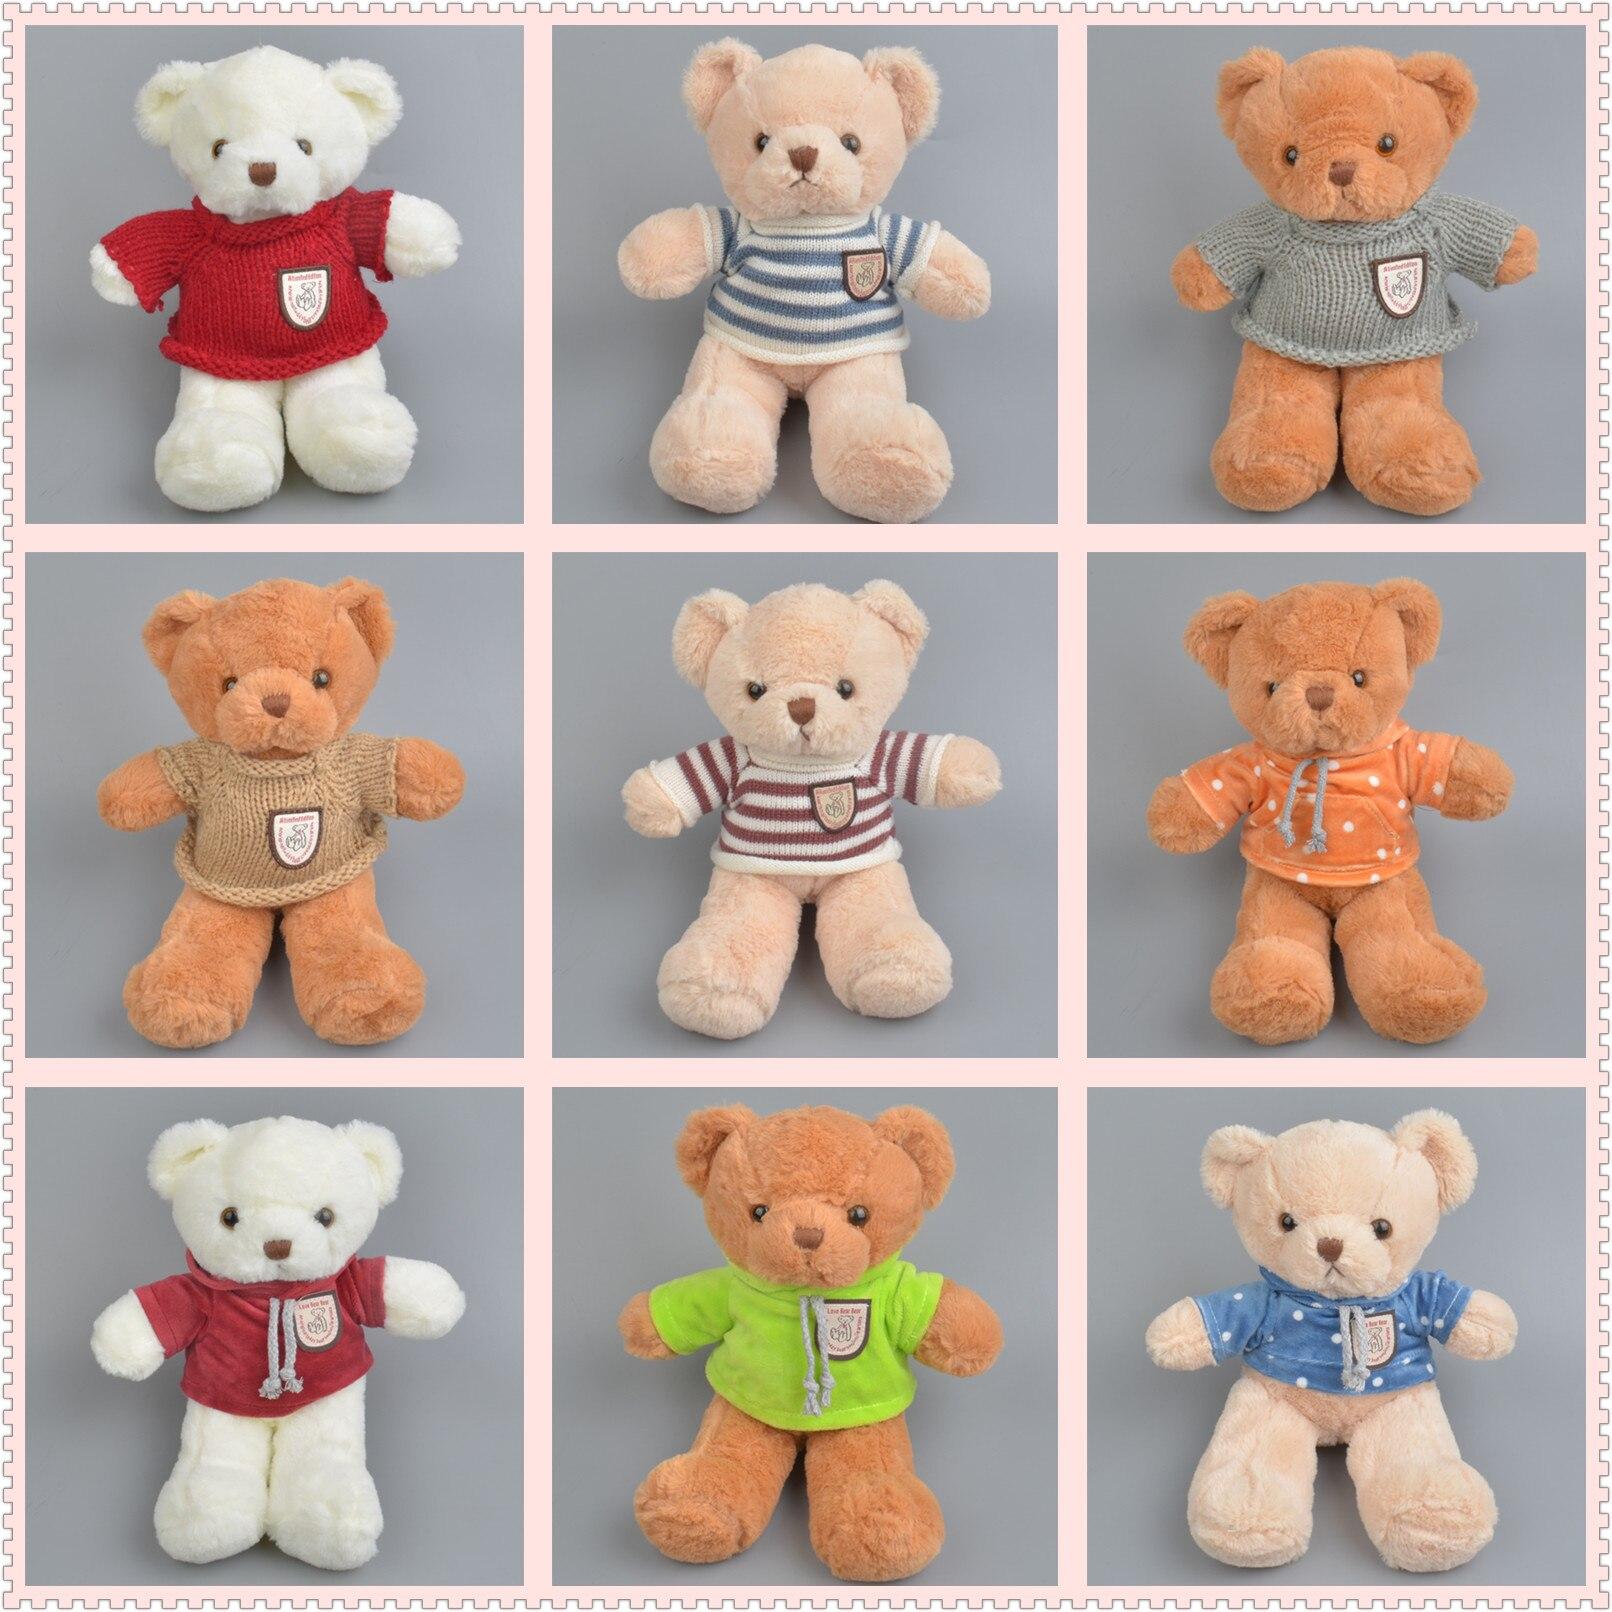 25cm Sweater Teddy Bear Hug Bear Doll Plush Toy Cute Teddy Bear Doll Kawaii Stuffed Doll Lovely Plush Toys Big Collection